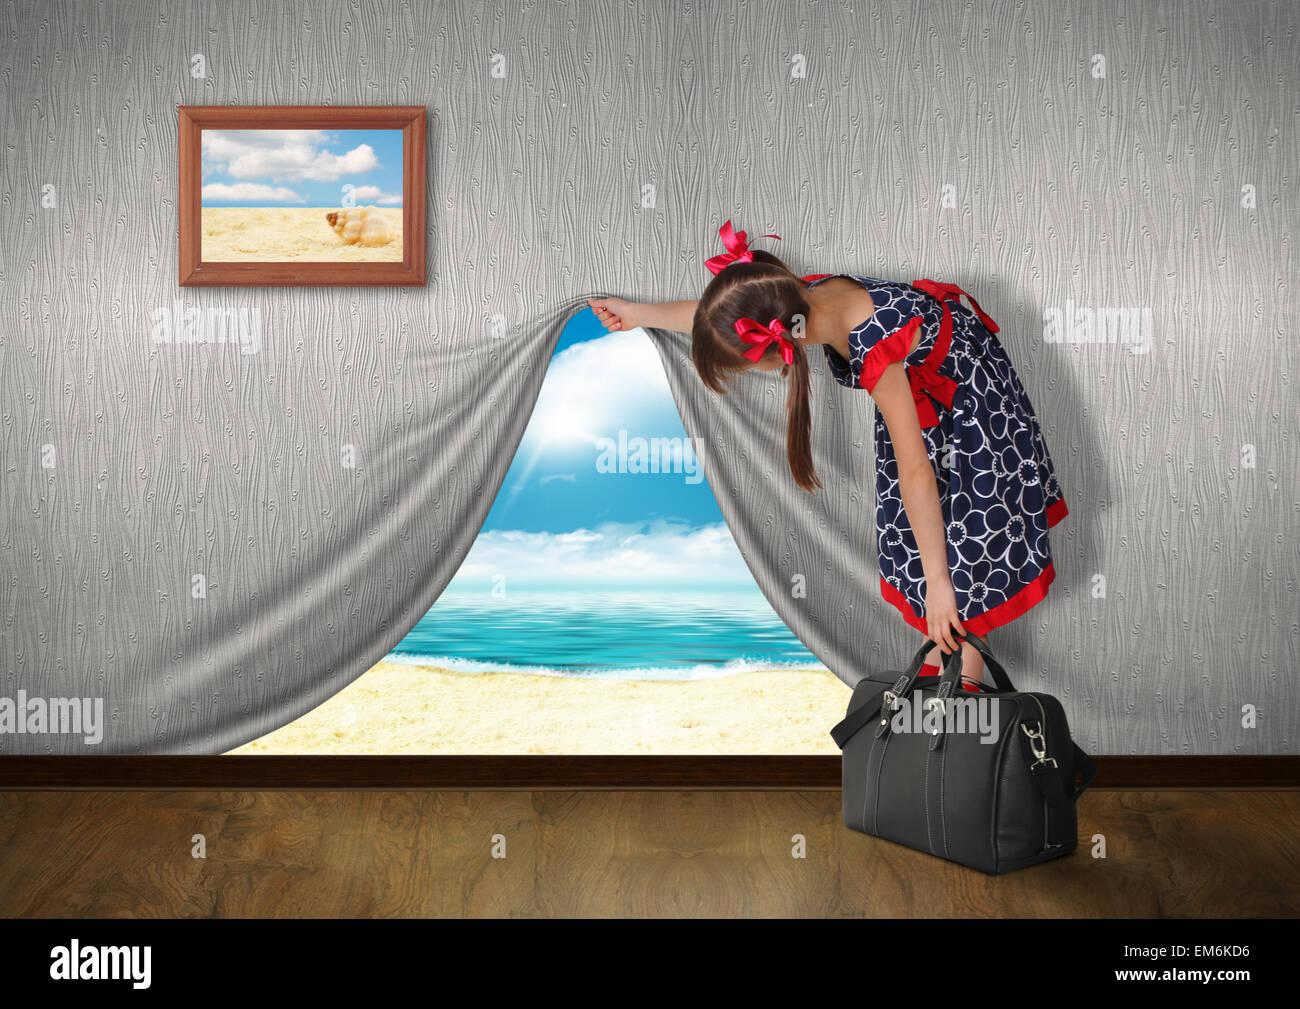 Niño mire el mar detrás de la pared, concepto de vacaciones Imagen De Stock